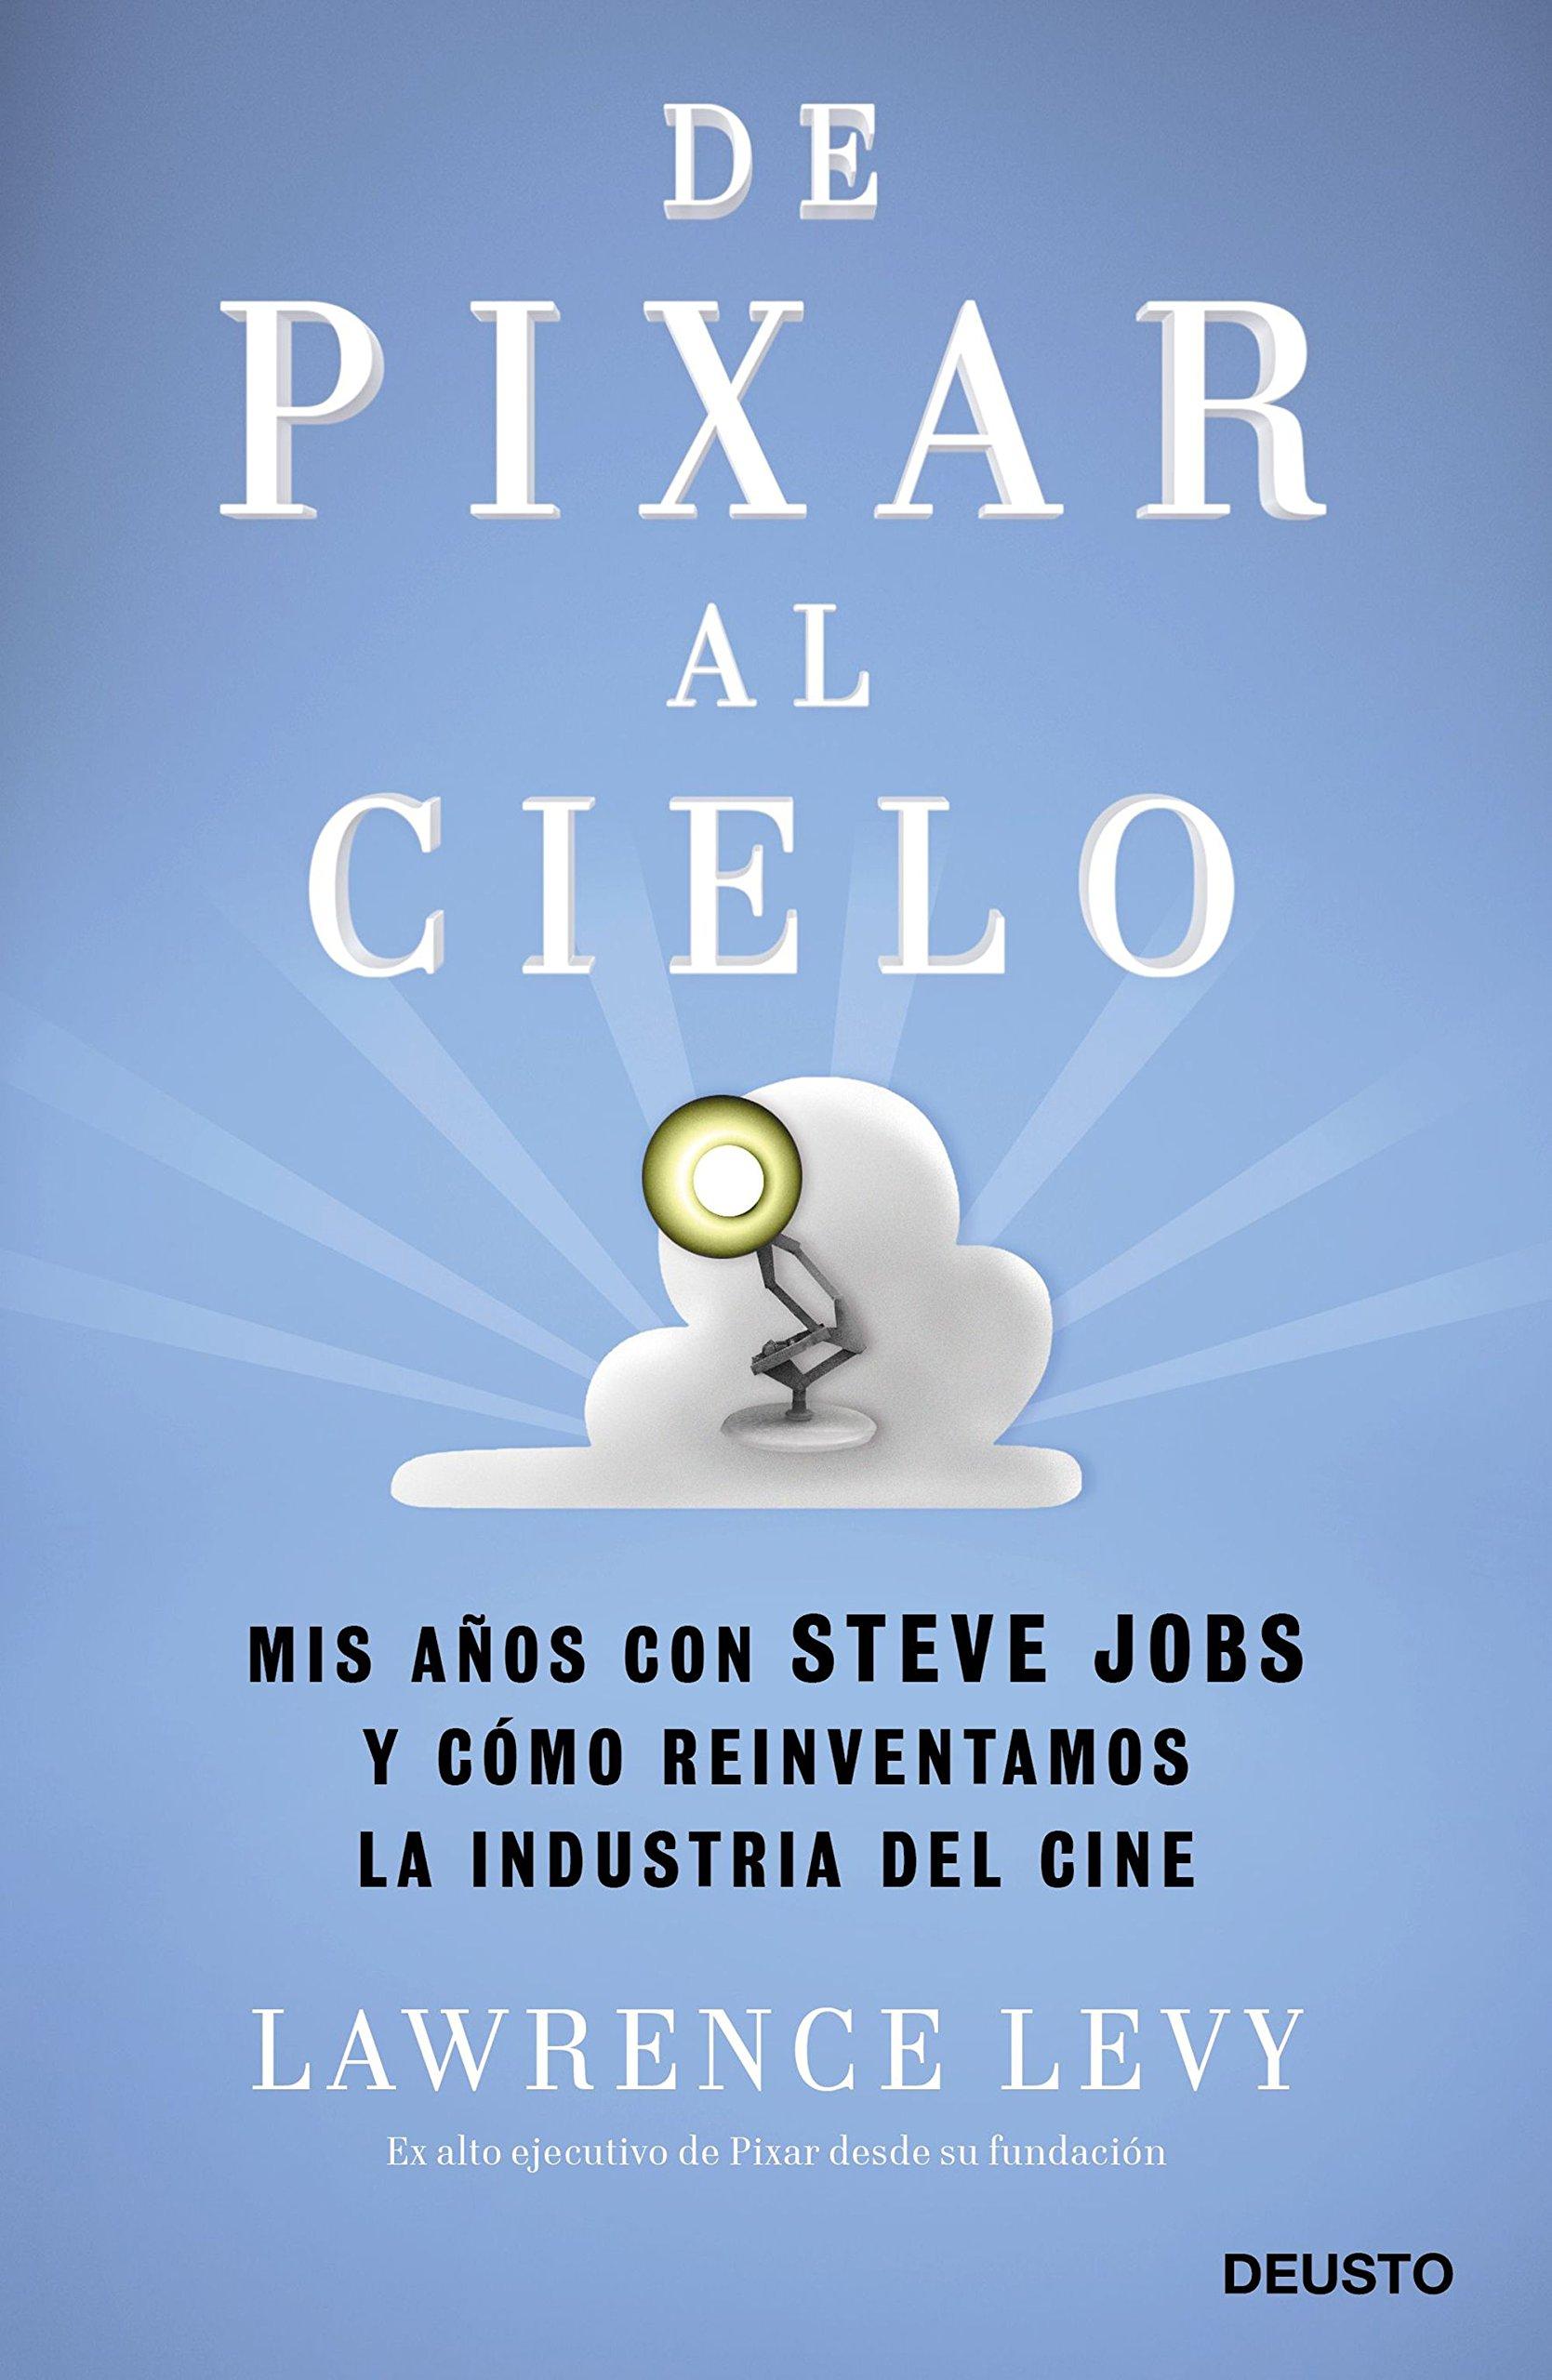 Portada libro - De Pixar al cielo: Mis años con Steve Jobs y cómo reinventamos la industria del cine